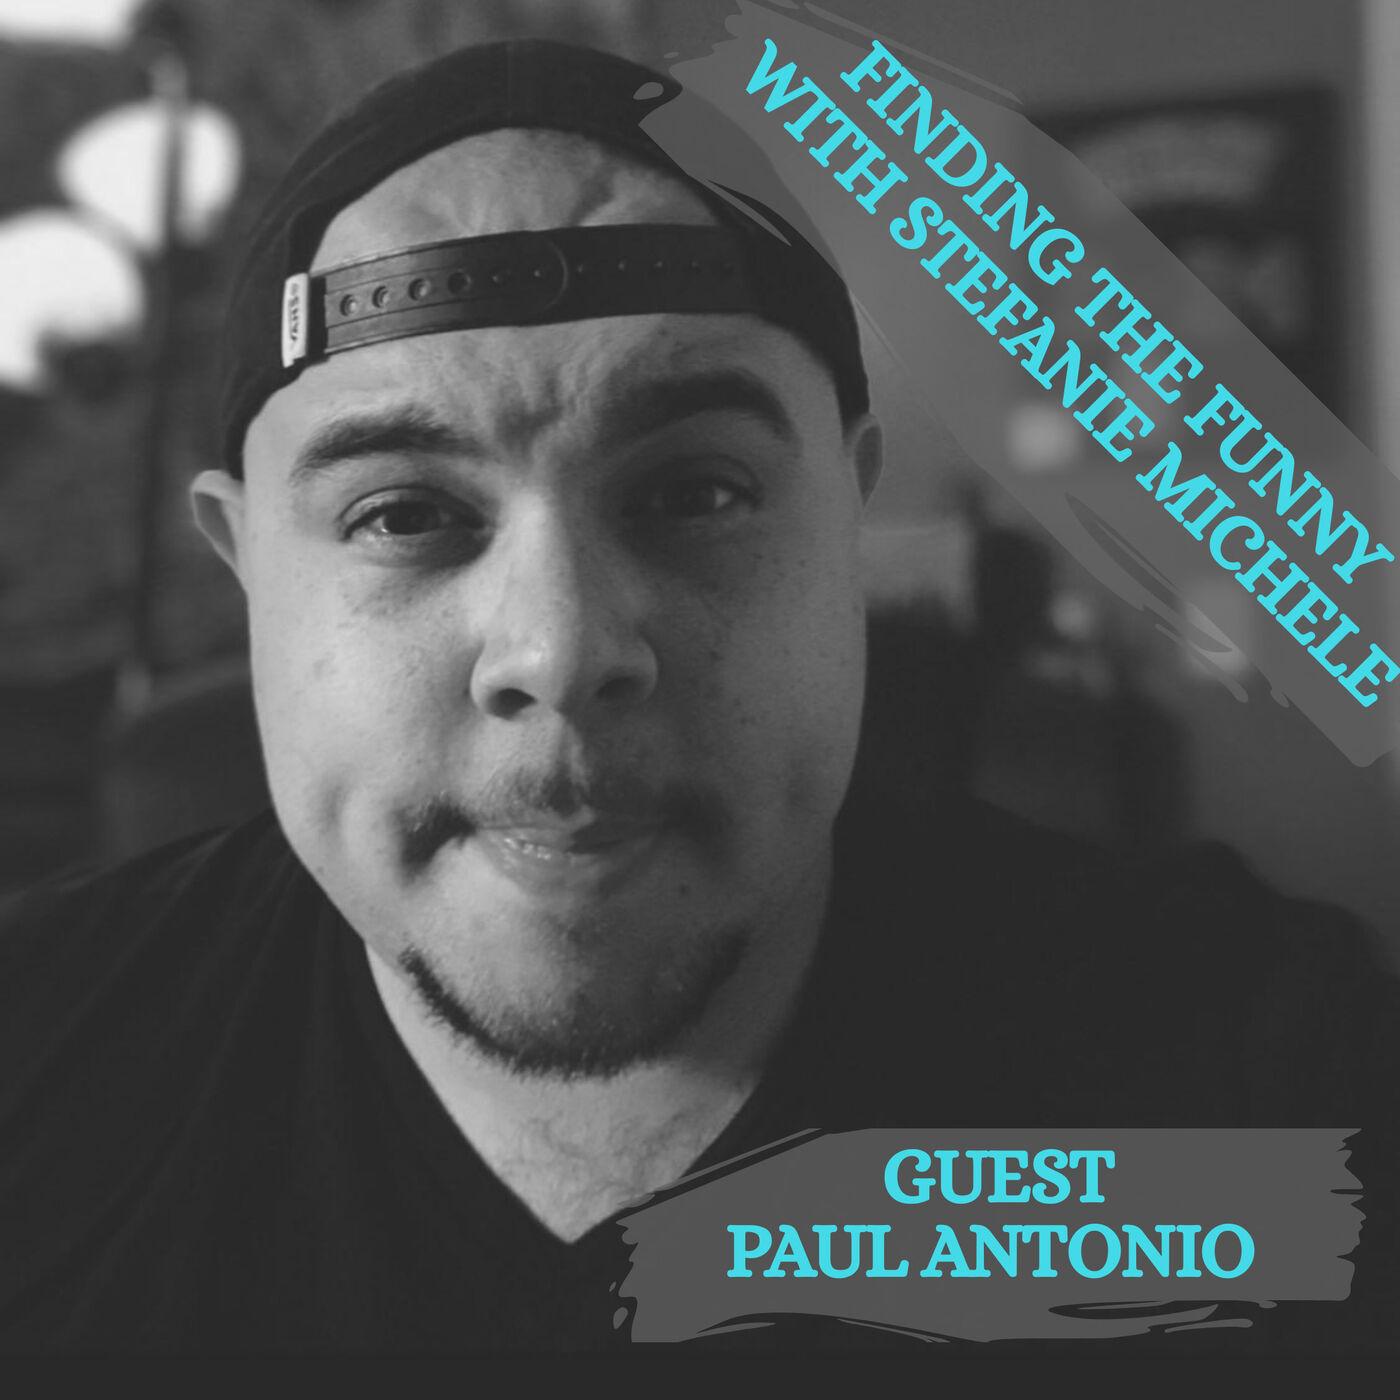 Paul Antonio